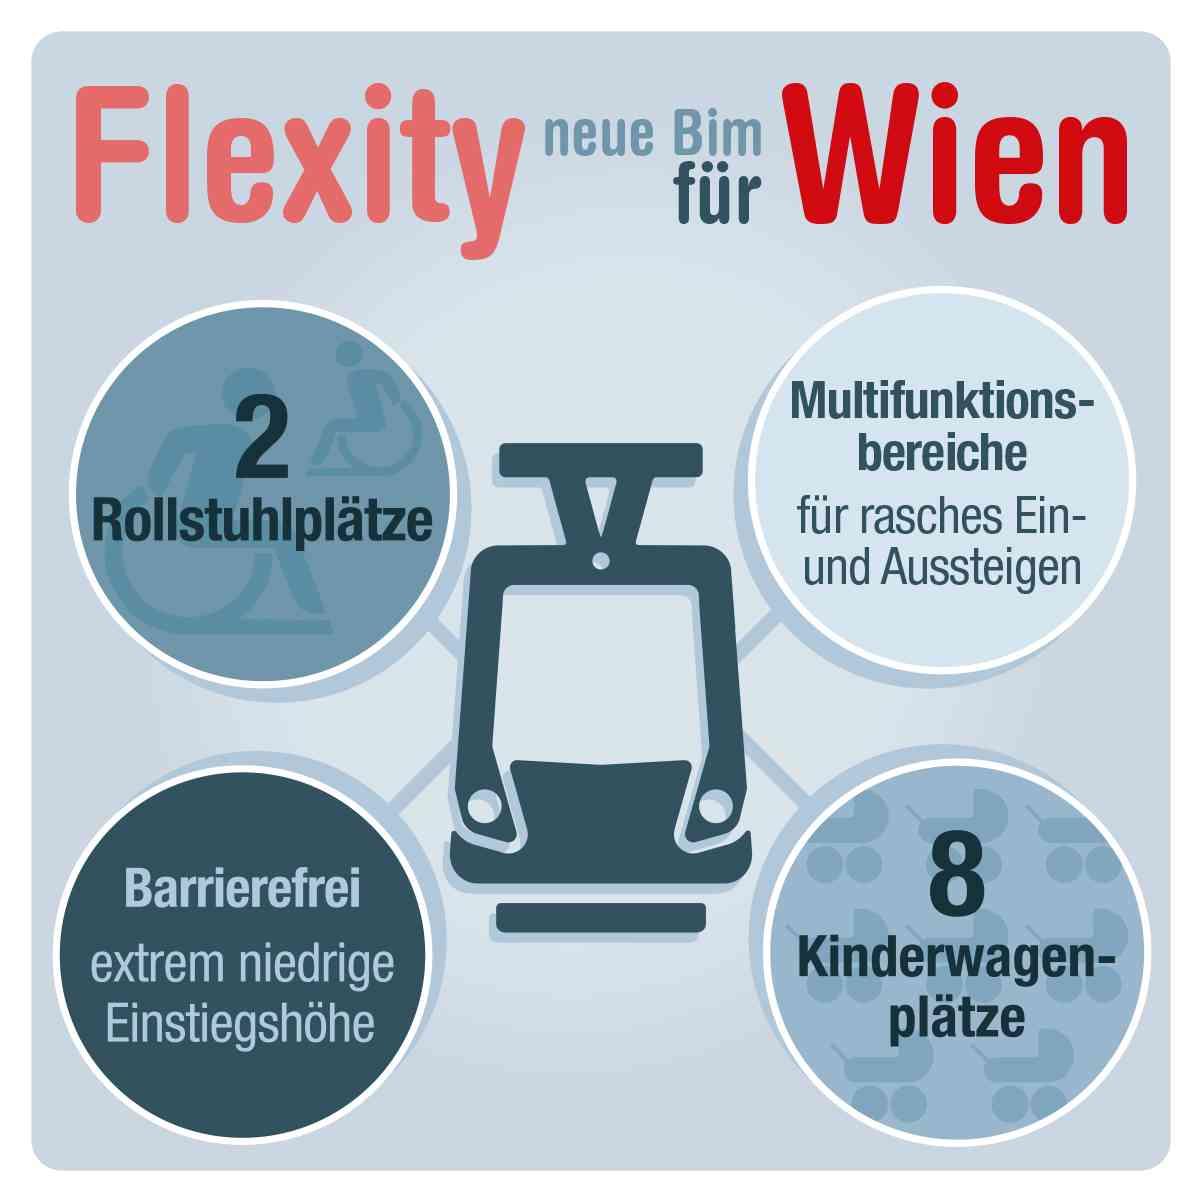 Der Flexity überzeugt mit einer flexiblen Innenraumgestaltung, die auf die Bedürfnisse der Fahrgäste eingeht.